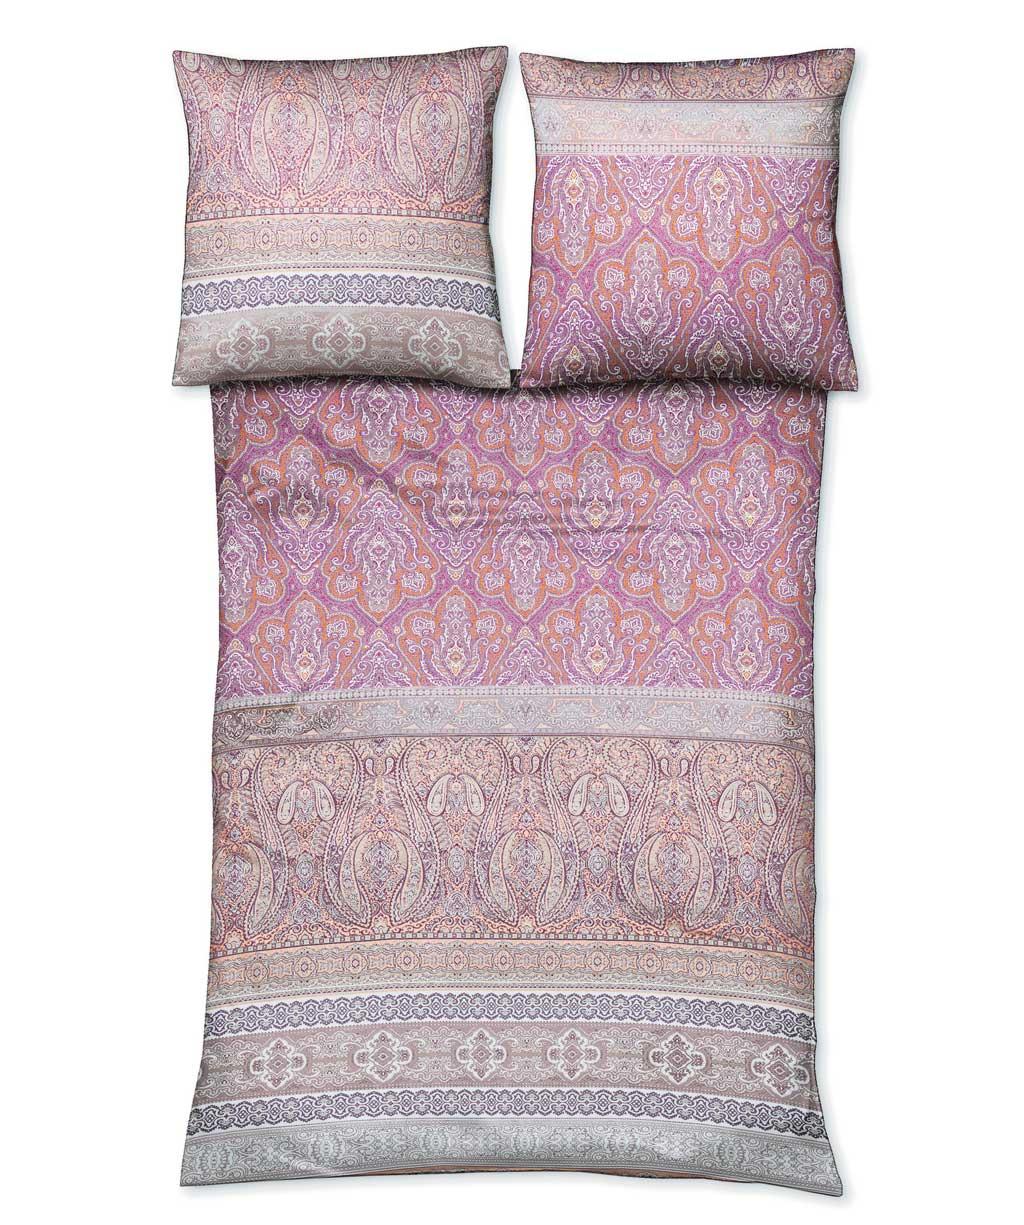 Rosa Mako Satin Bettwäsche mit orientalischen Ornamenten